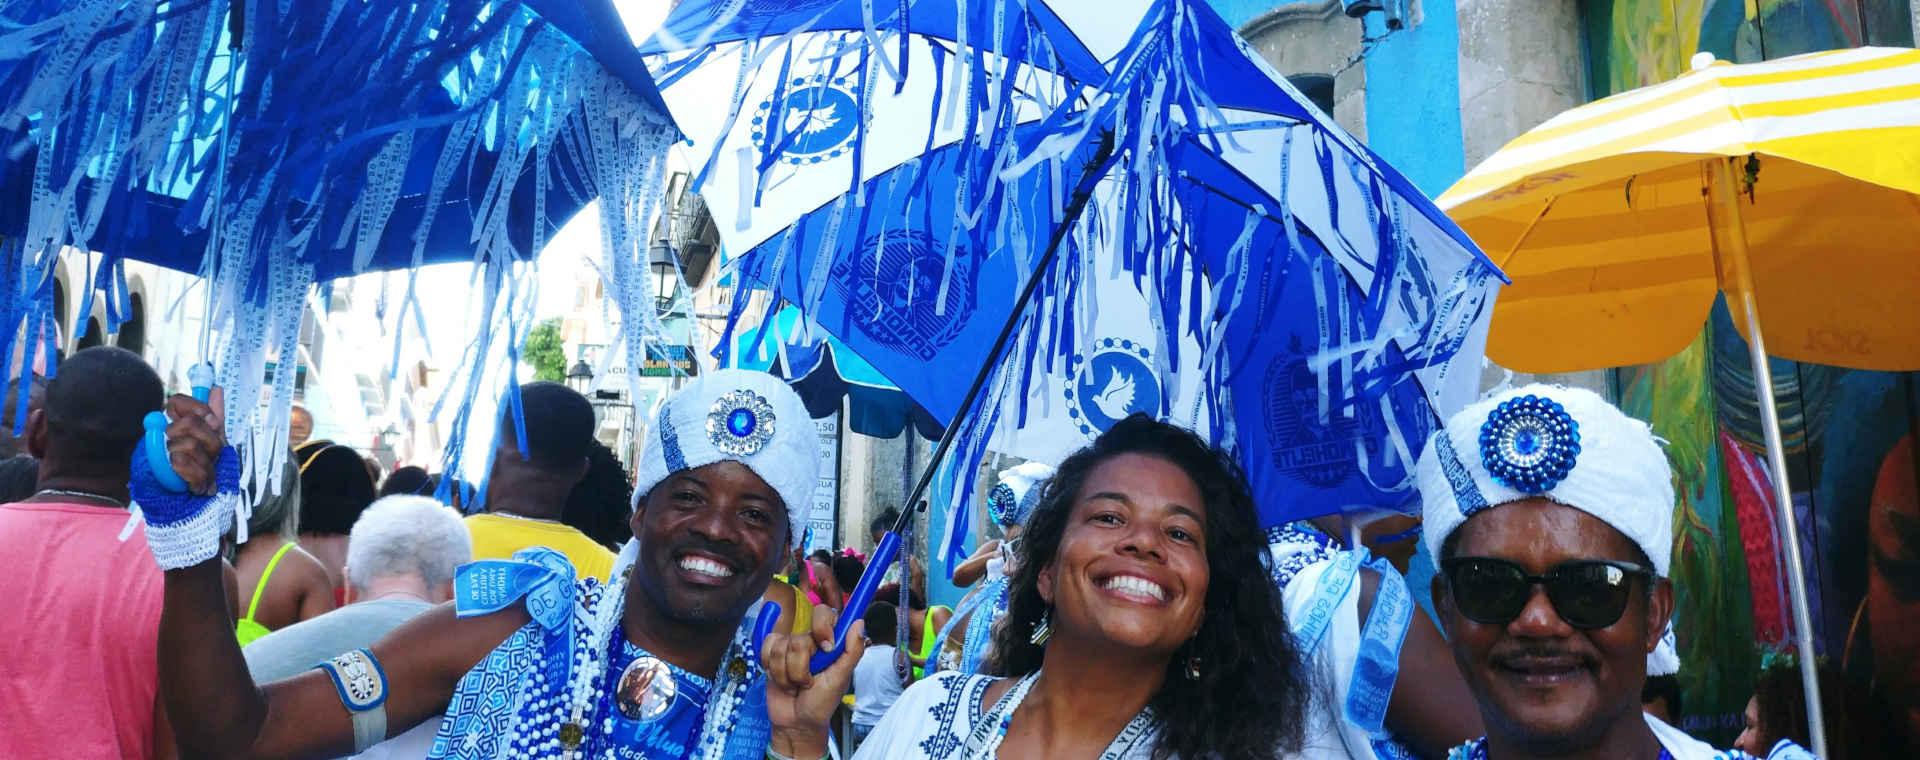 Come to Bahia, land of happiness!